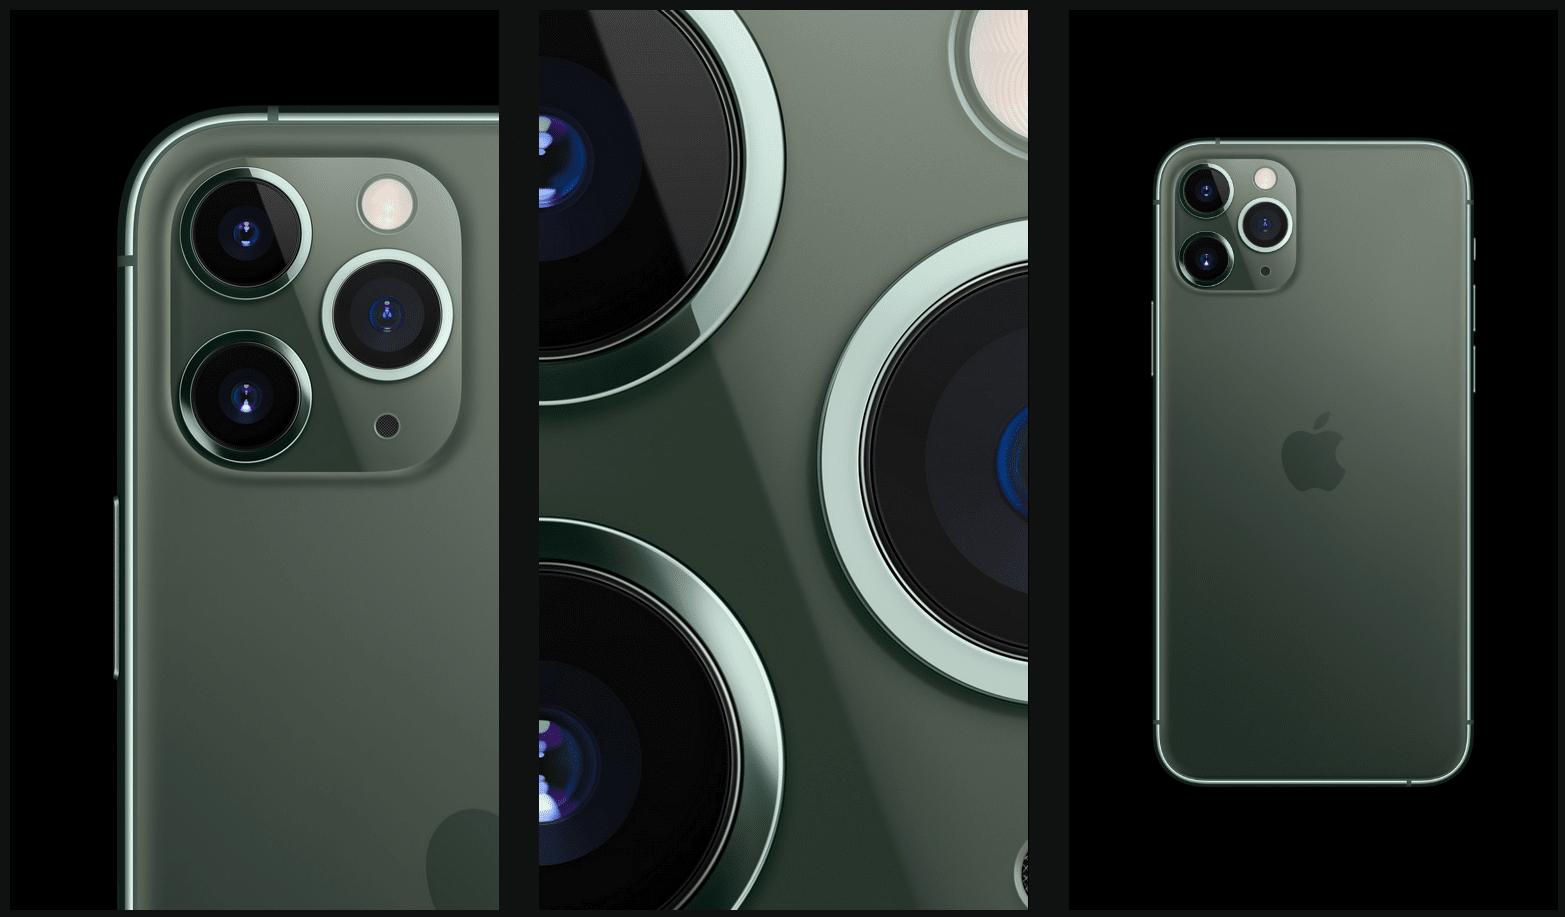 El nuevo iPhone 11 Pro revoluciona el mundo de los smartphones 13